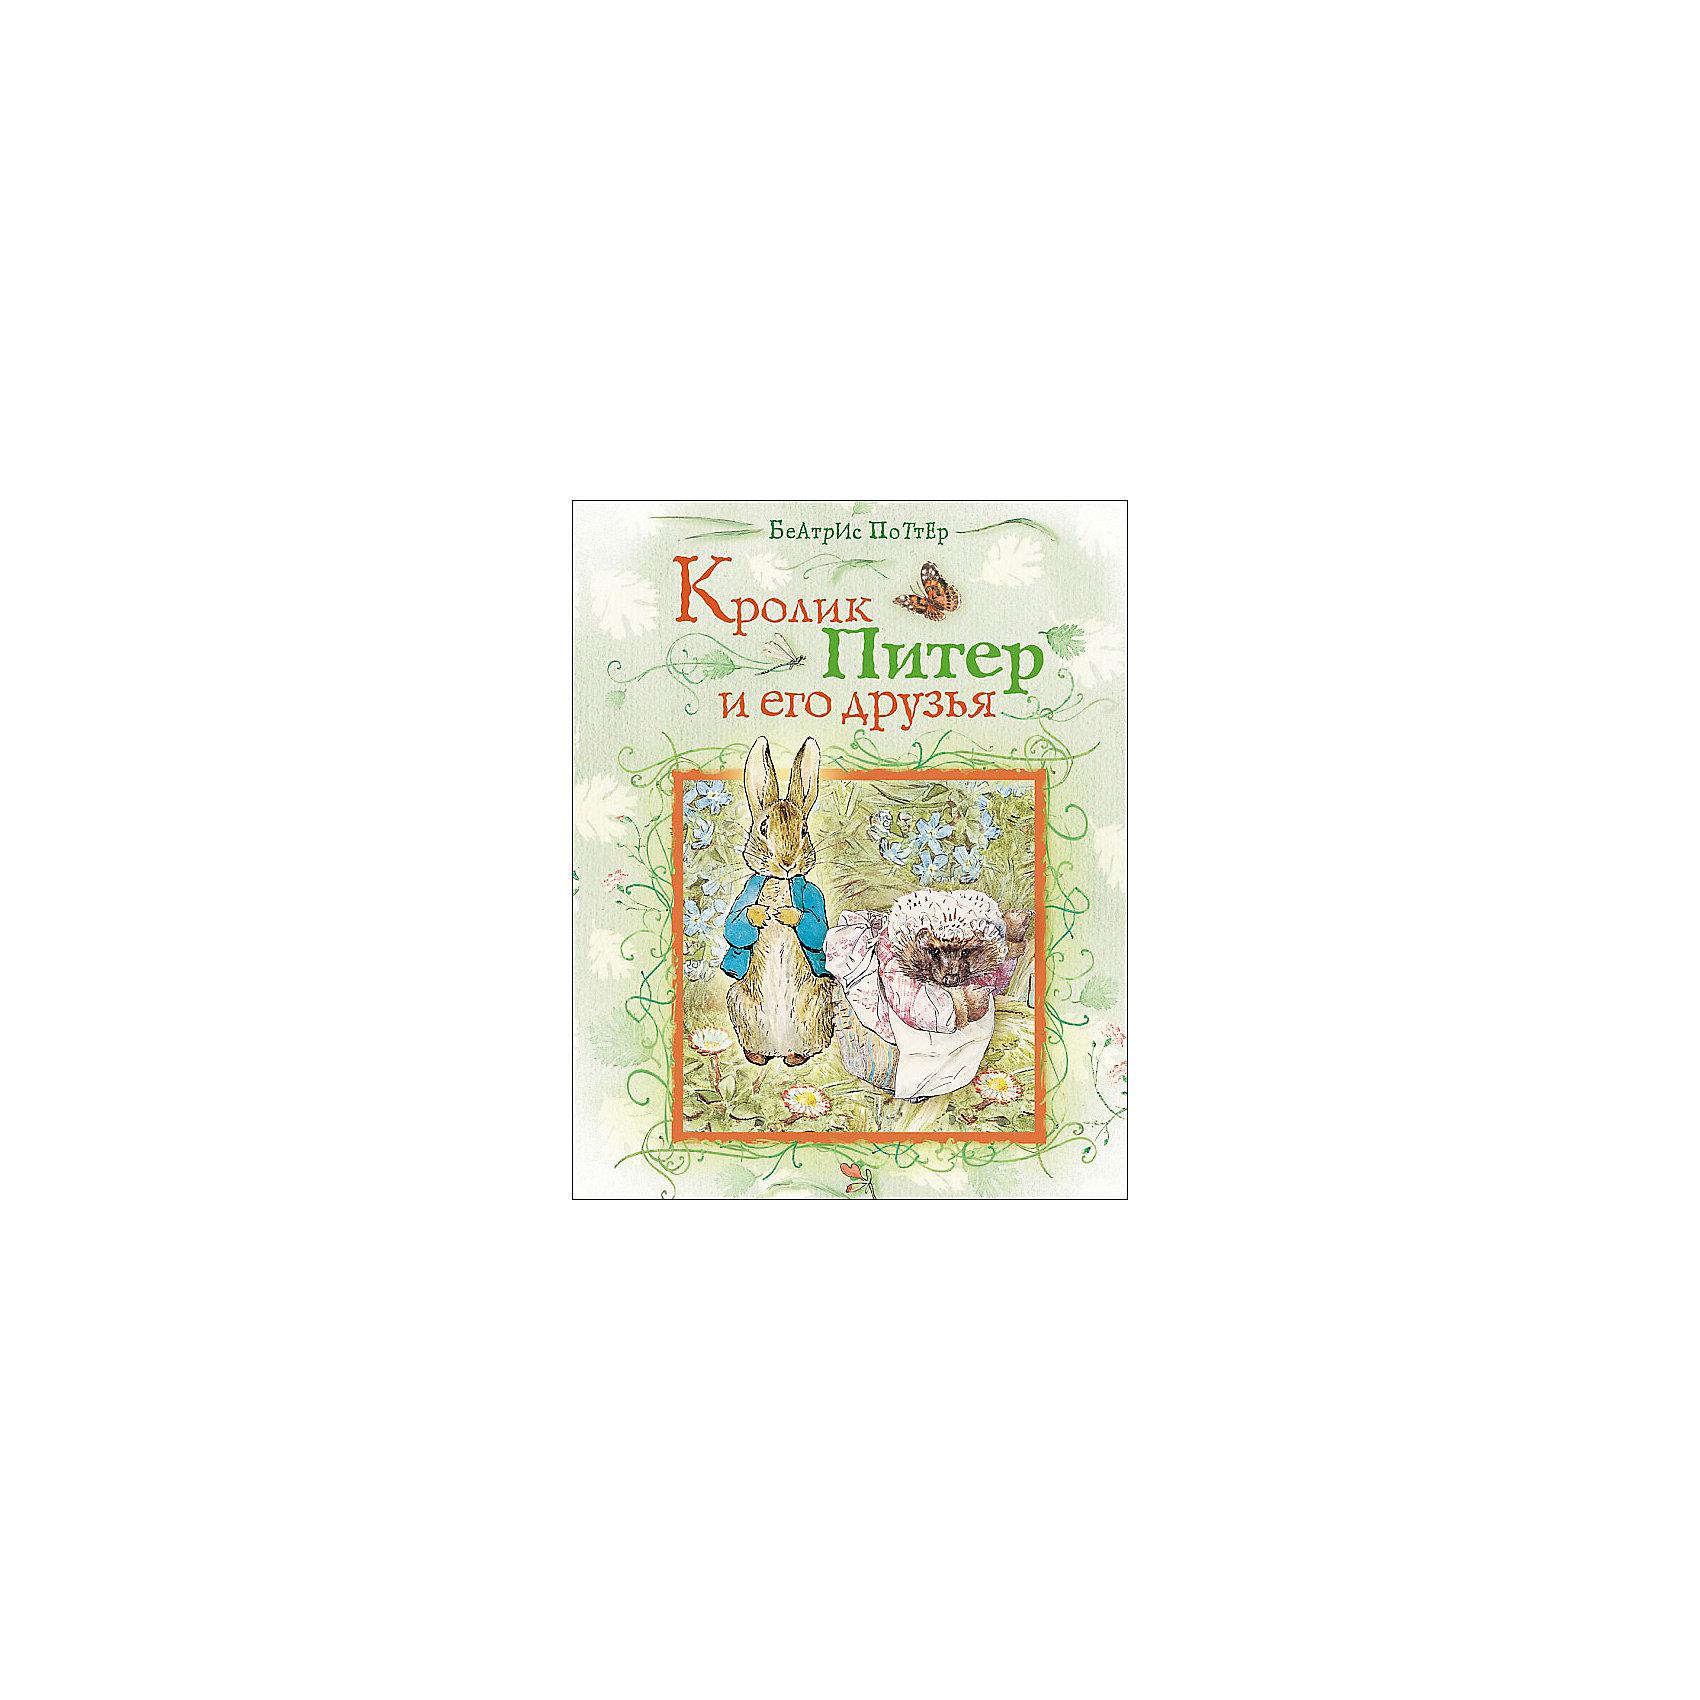 Кролик Питер и его друзья, Б. ПоттерЗарубежные сказки<br>В книгу знаменитой английской писательницы Беатрис Поттер «Кролик Питер и его друзья» вошли сказки  «Питер Пуш» и «Сказка про миссис Мыштон» с оригинальными иллюстрациями автора. &#13;<br>Беатрис Поттер с детства любила животных, у неё в детской жили лягушки, мыши, ежик, тритон Исаак Ньютон, летучая мышь и два домашних кролика. &#13;<br>Один из них, Питер Пуш, и стал главным героем самой популярной сказки Беатрис Поттер – «Питер Пуш».  Писательница водила Питера Пуша на поводке и брала с собой повсюду. На иллюстрациях она облачила своего любимца в голубую курточку, теперь известную во всем мире.<br><br>Ширина мм: 275<br>Глубина мм: 212<br>Высота мм: 3<br>Вес г: 134<br>Возраст от месяцев: 0<br>Возраст до месяцев: 36<br>Пол: Унисекс<br>Возраст: Детский<br>SKU: 4782428